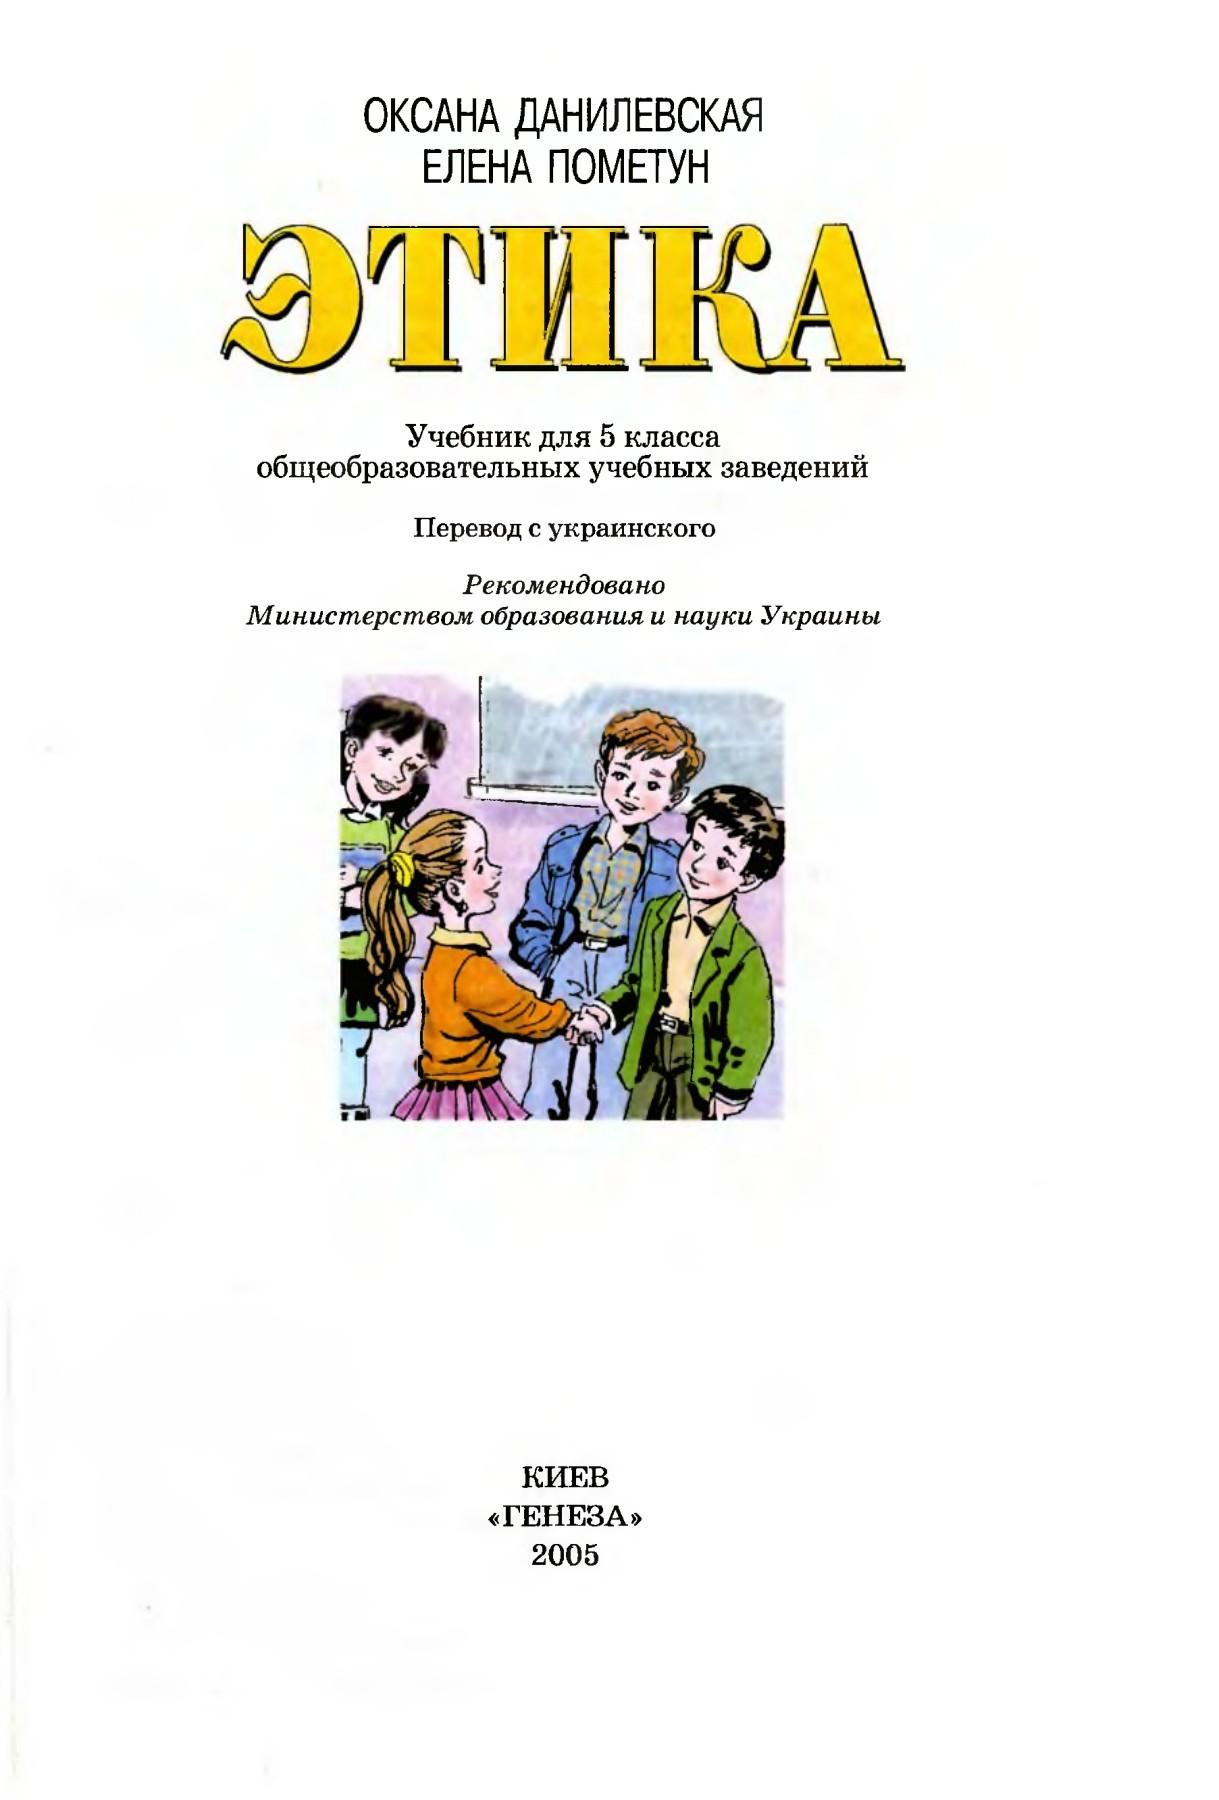 Гдз этика 6 класс данилевська пометун